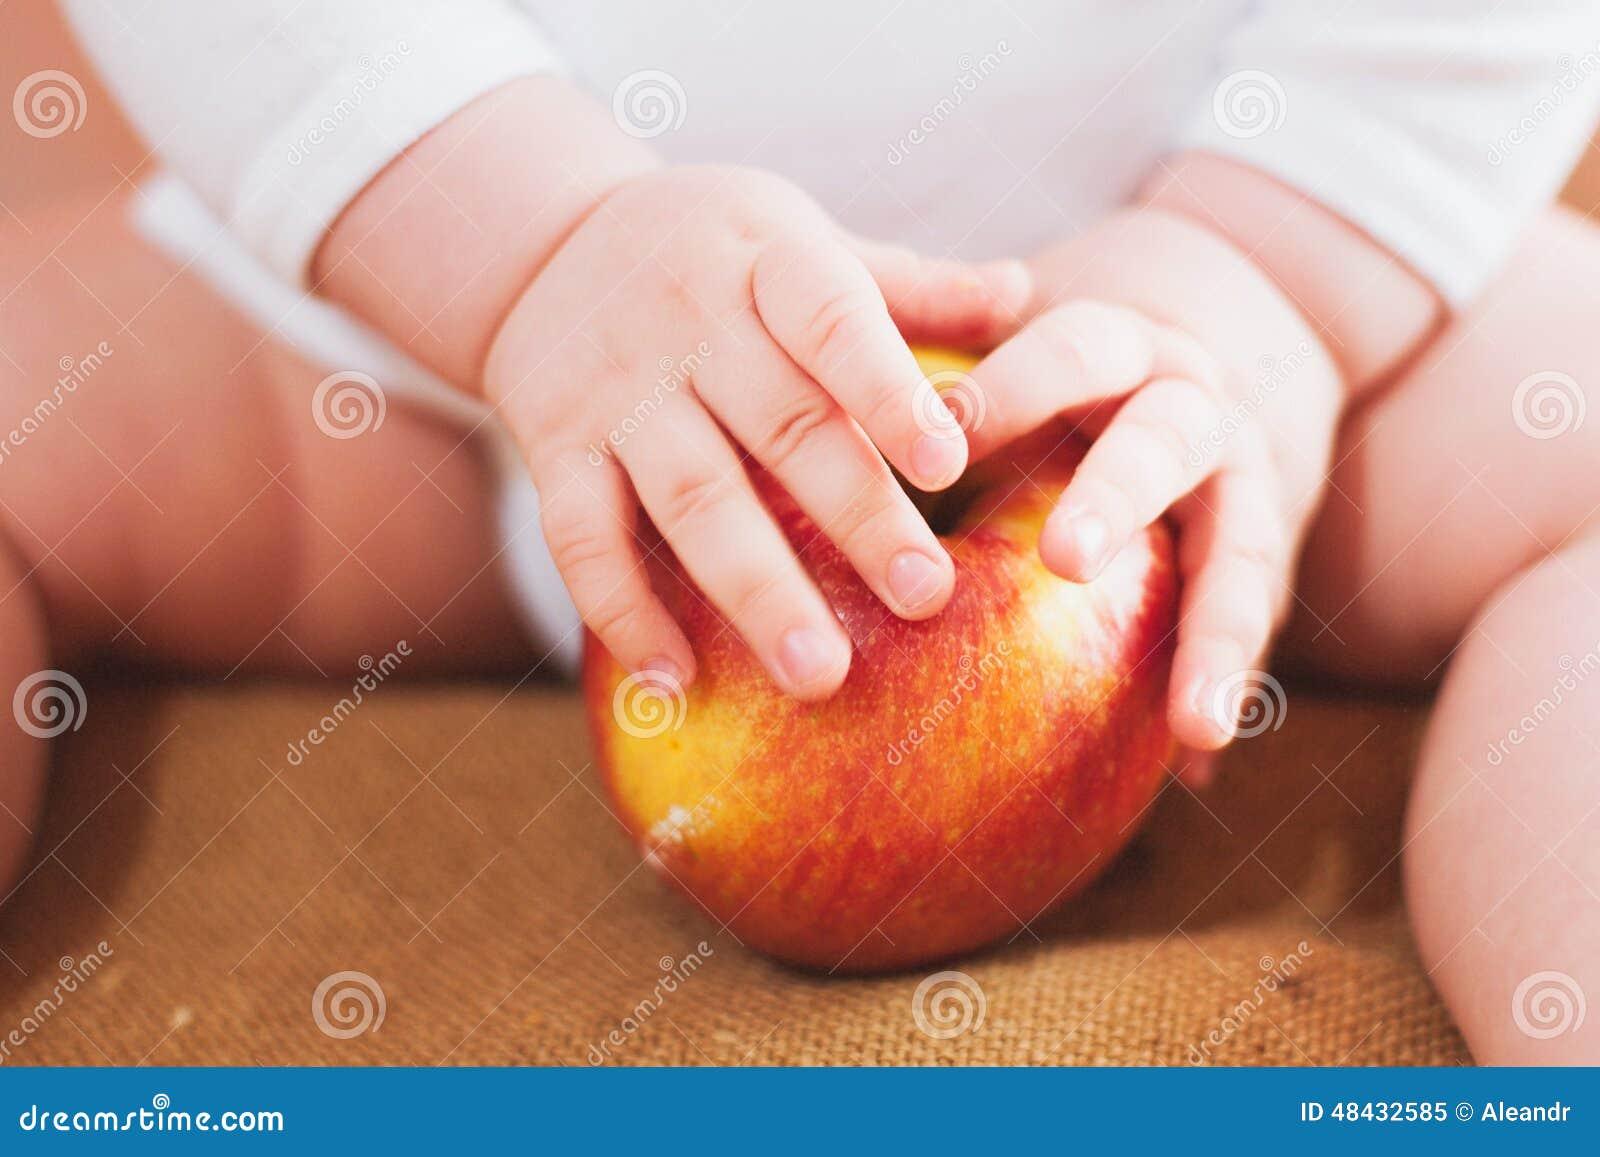 Mały dziecko trzyma czerwonego jabłka